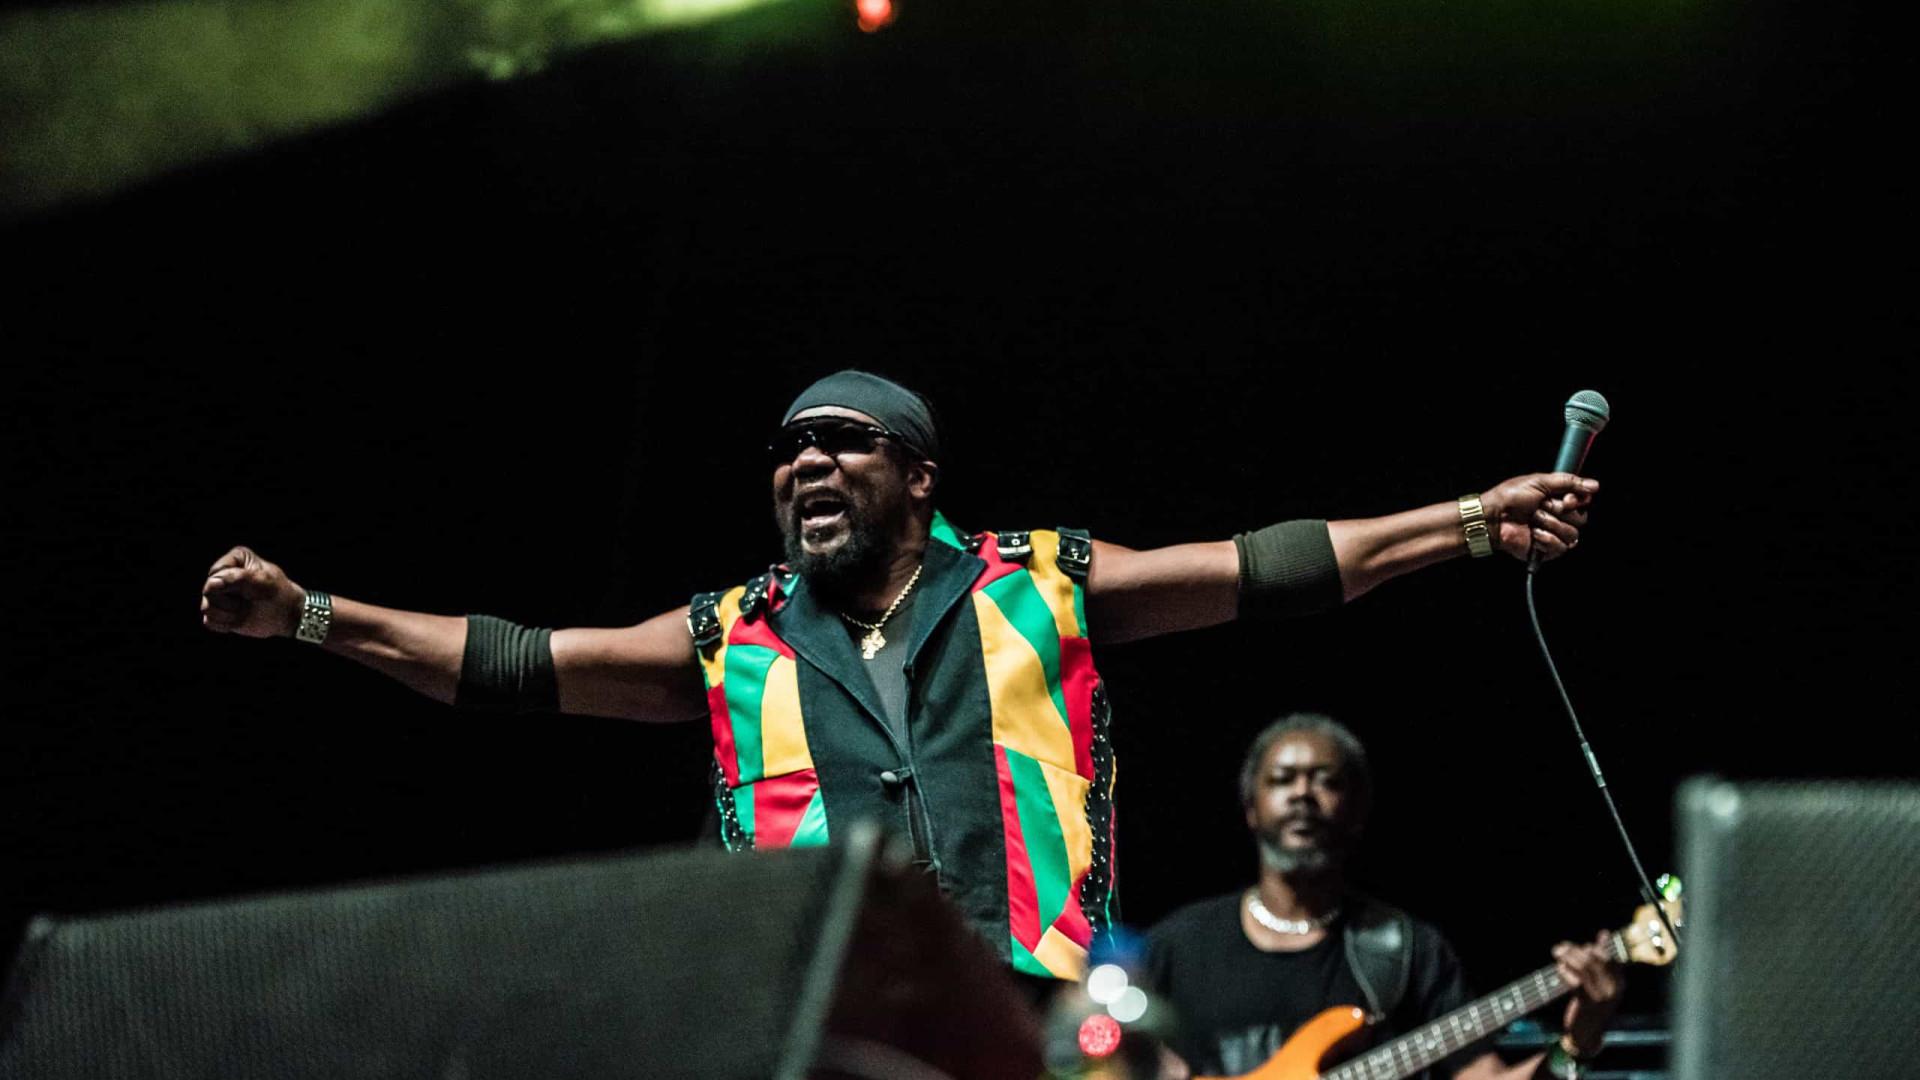 Morre Toots Hibbert. Lenda do reggae tinha 77 anos